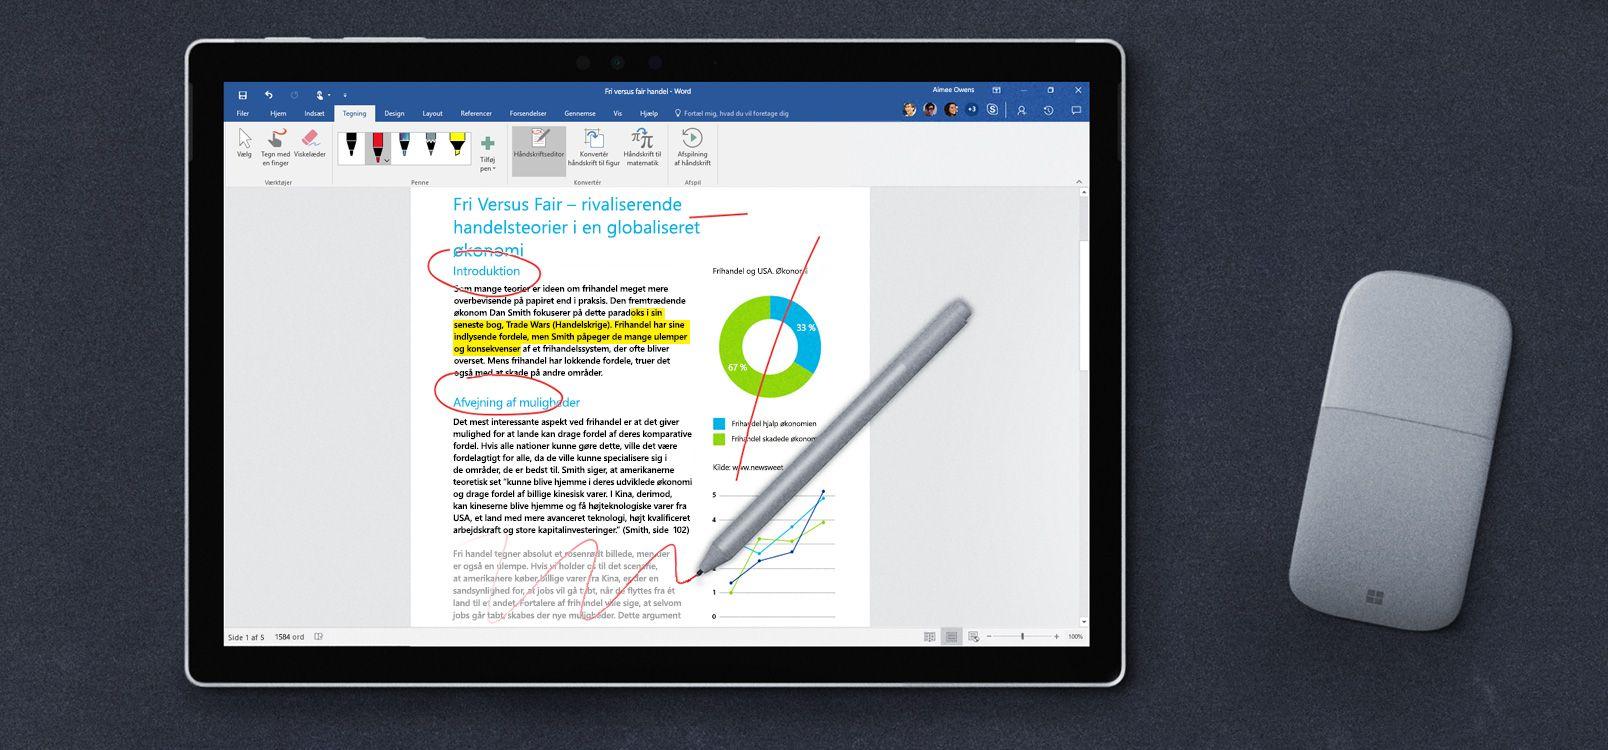 Tablet, der viser Håndskriftsbaseret editor